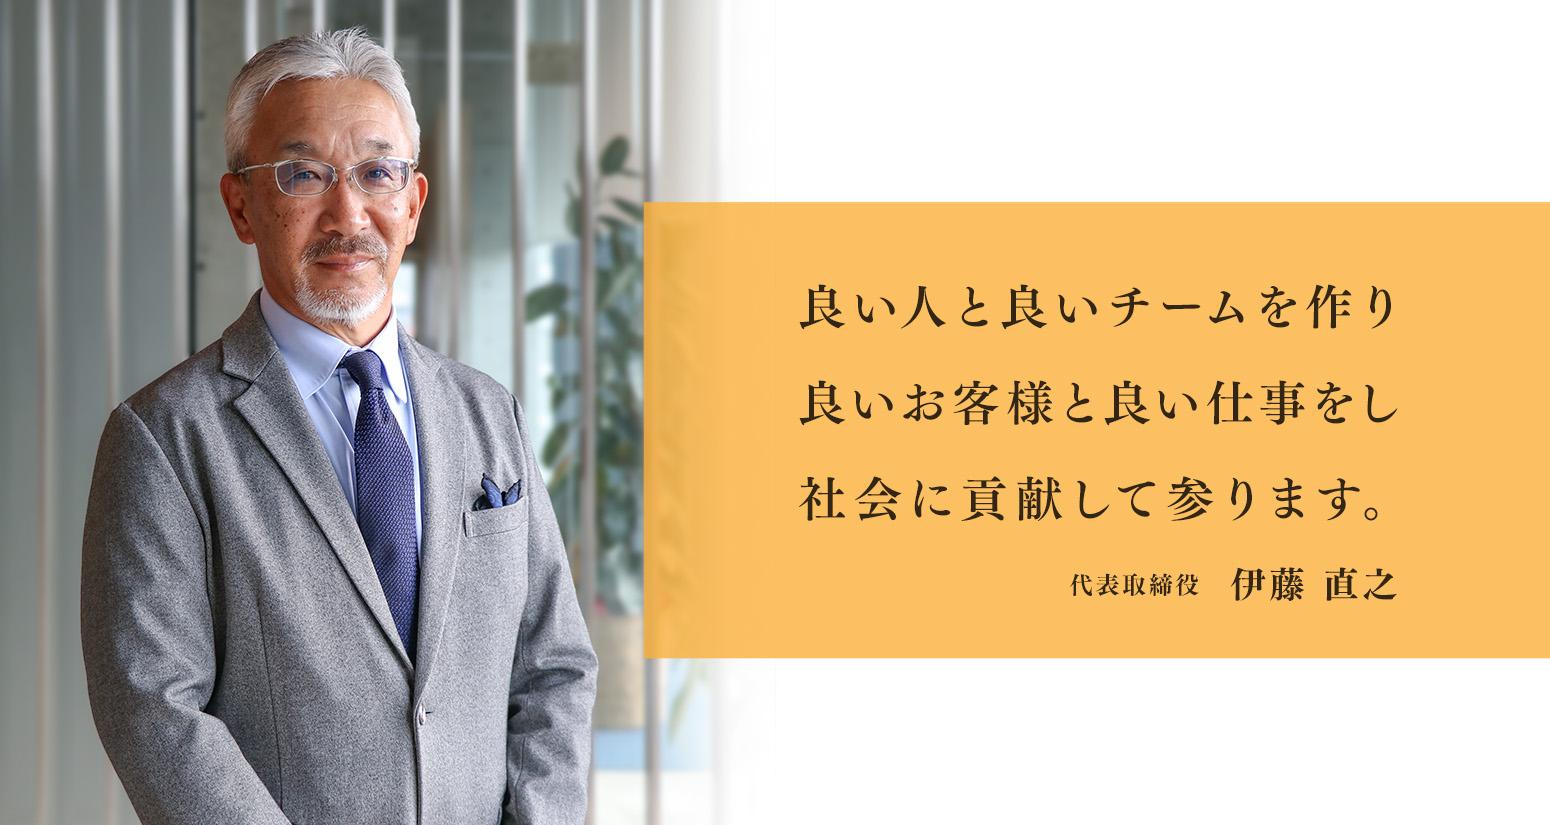 良い人と良いチームを作り良いお客様と良い仕事をし社会に貢献して参ります 代表取締役 伊藤直之